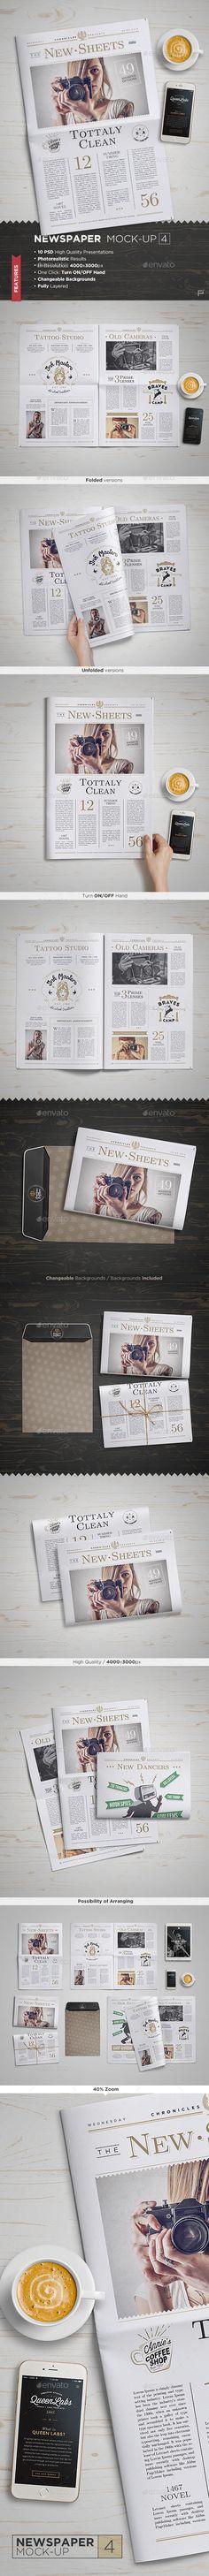 Newspaper Mock-Up #design Download: http://graphicriver.net/item/newspaper-mockup-4/11427146?ref=ksioks